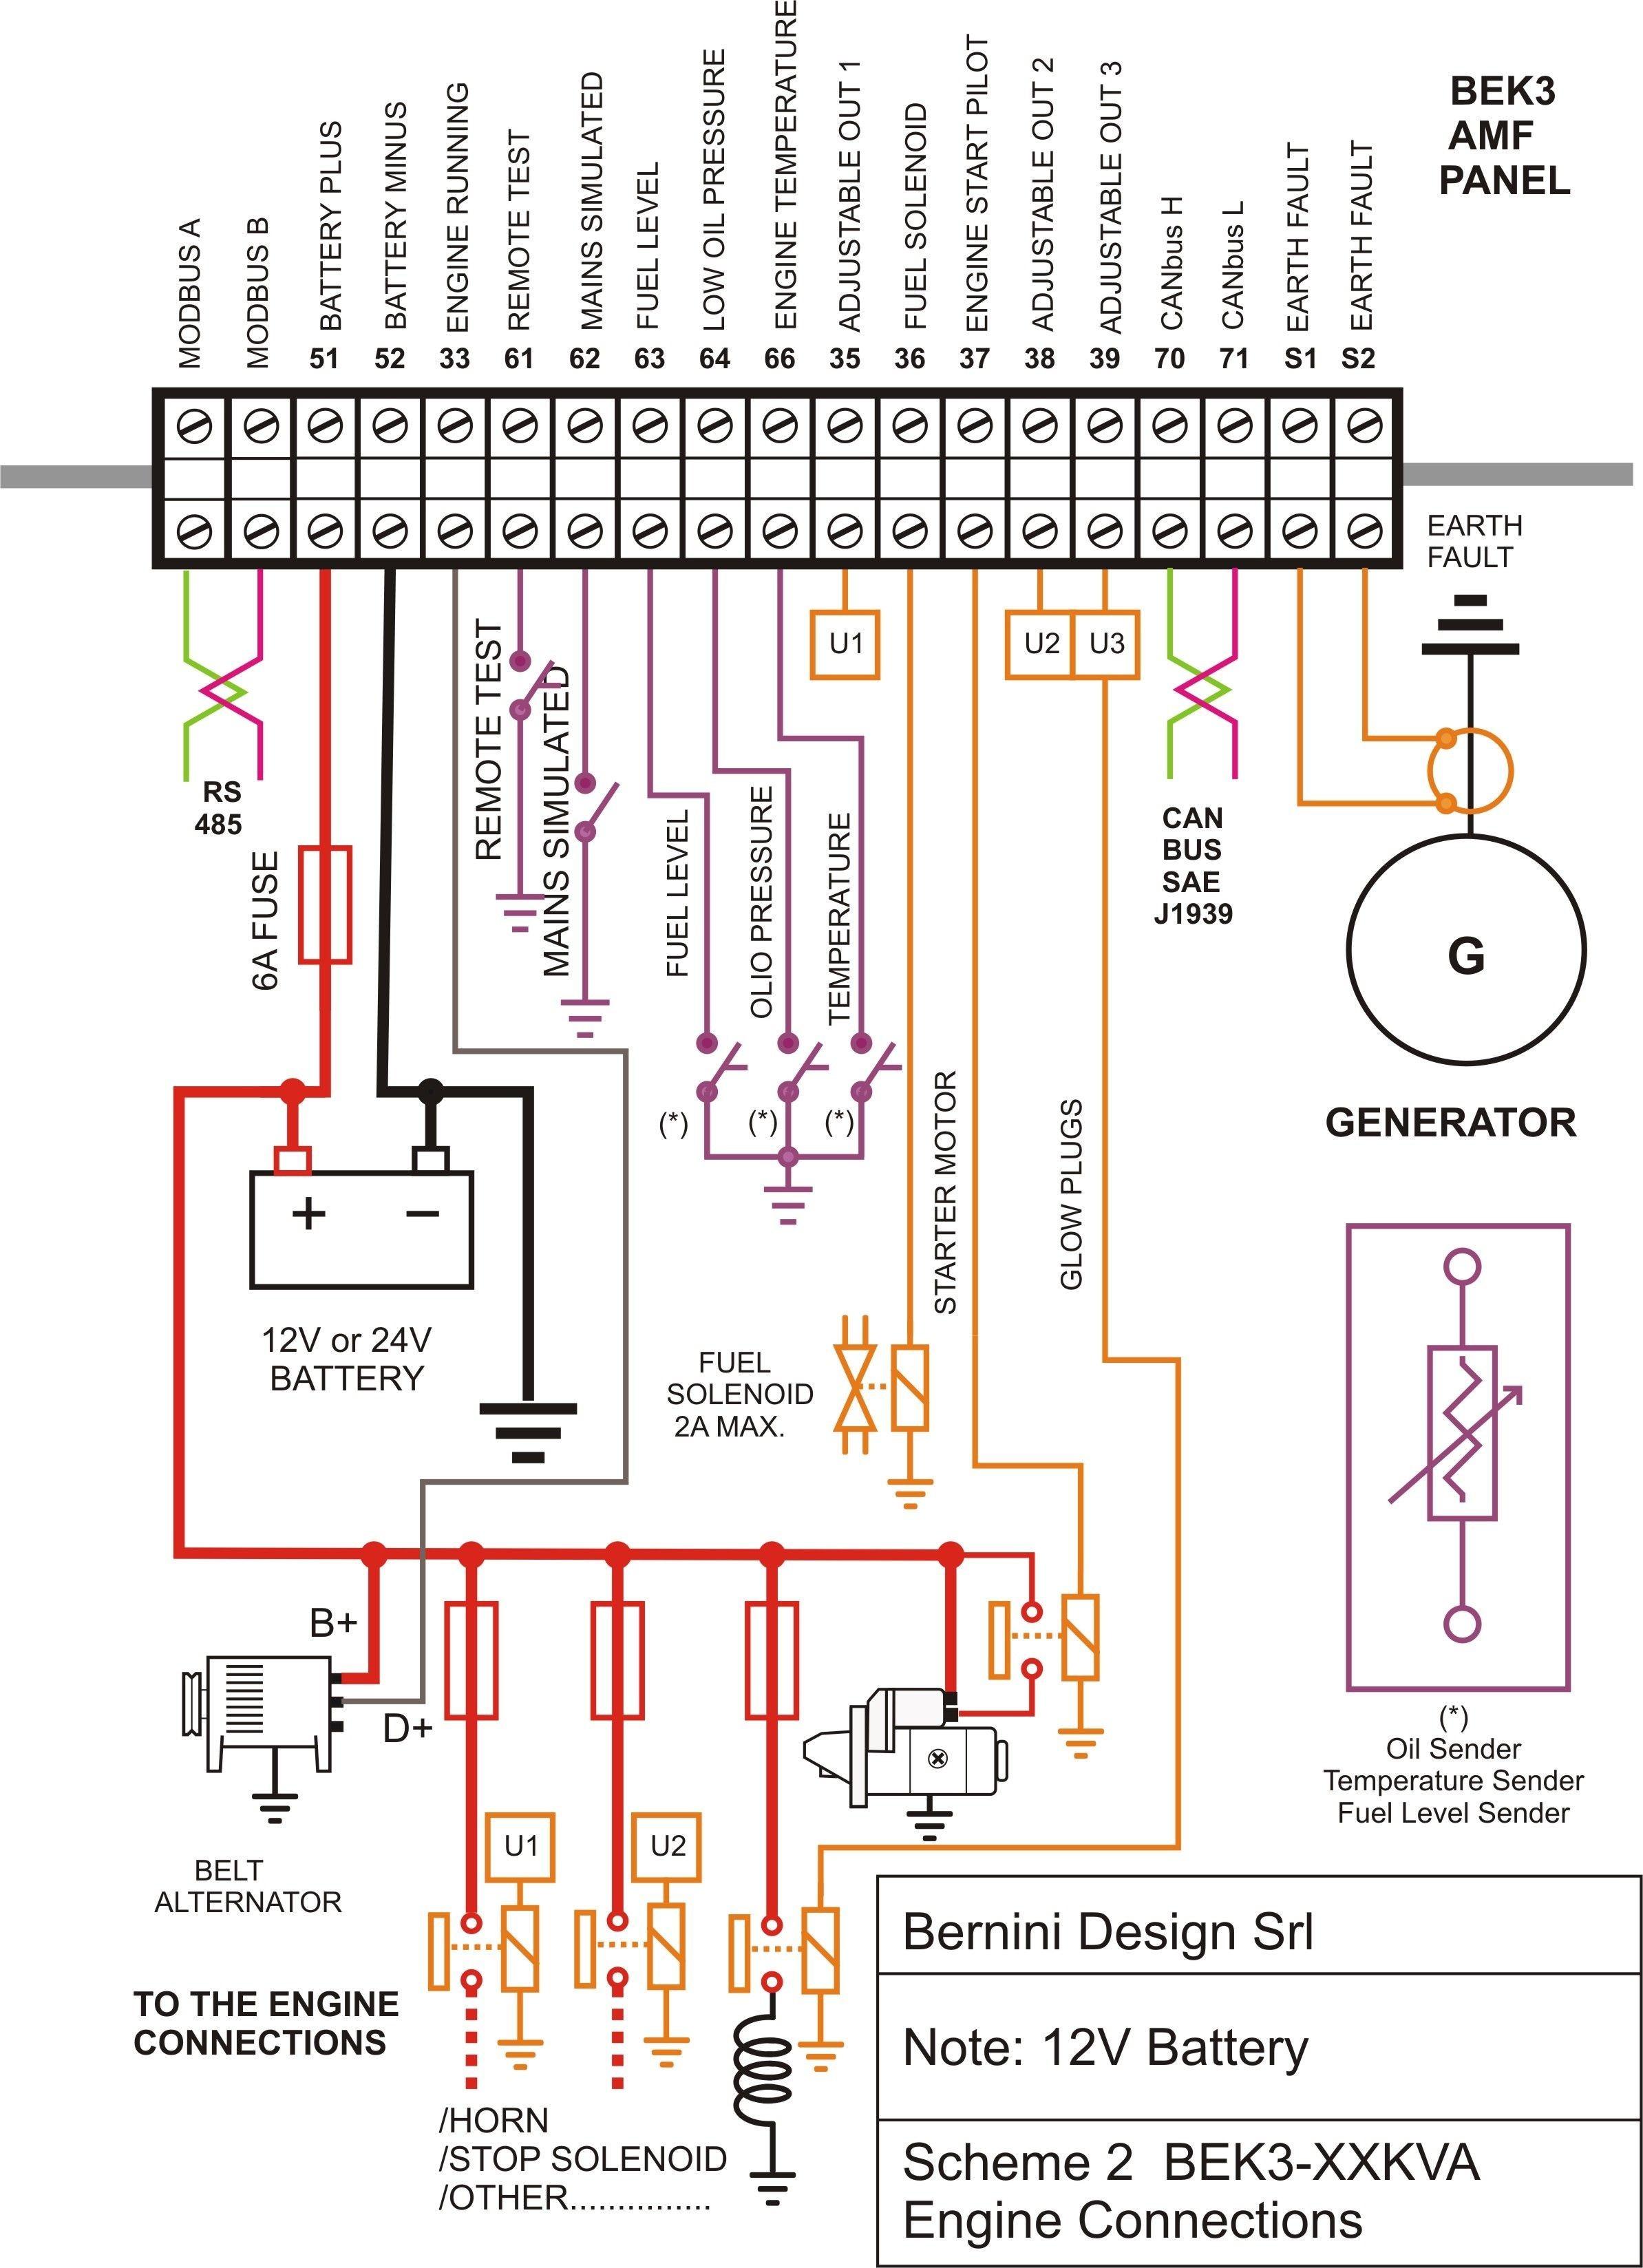 Phenomenal Plc Panel Wiring Diagram Bookingritzcarlton Info Wiring Cloud Rineaidewilluminateatxorg